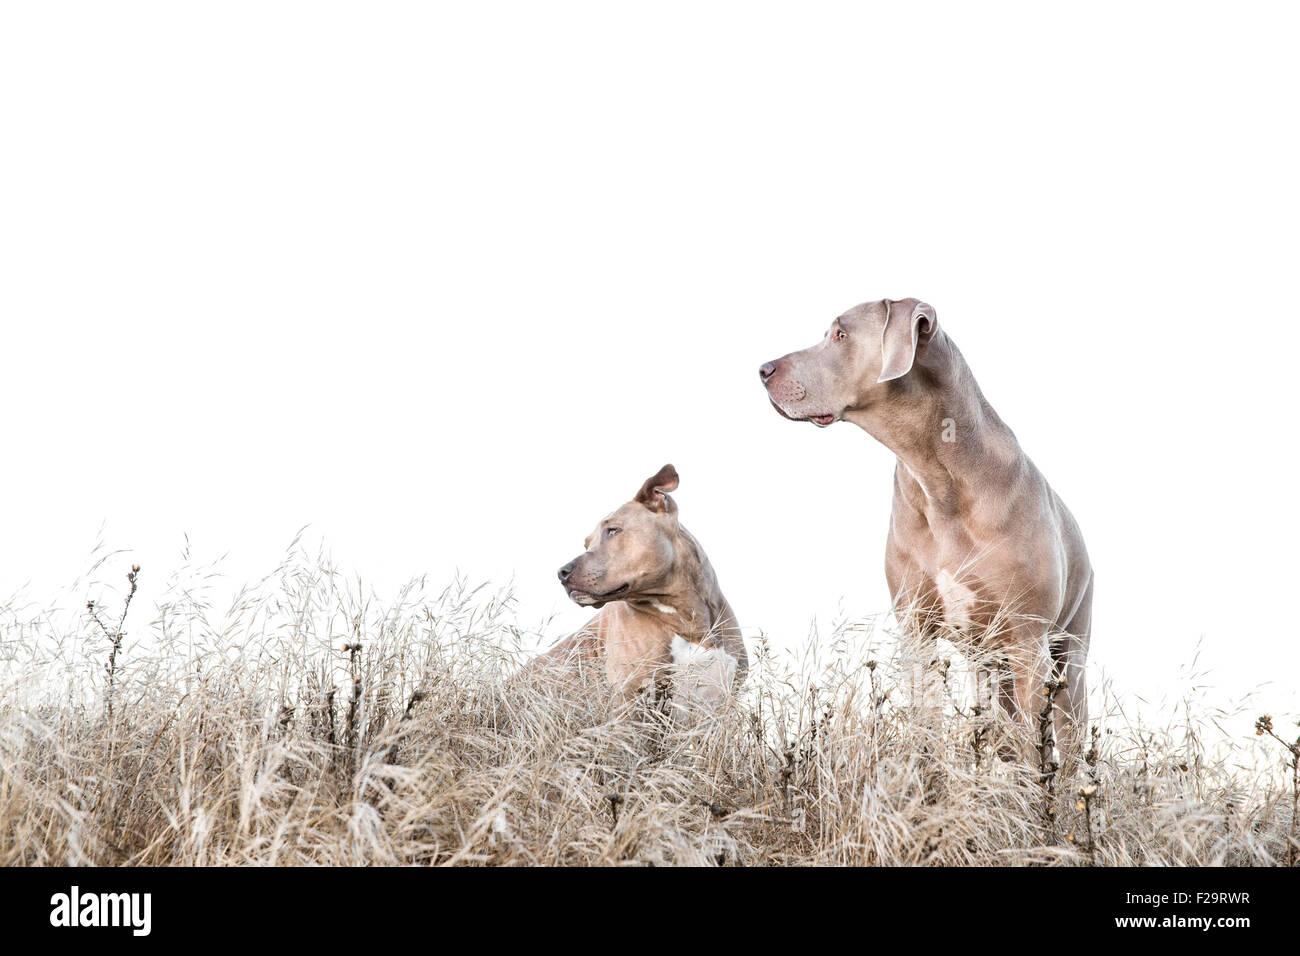 Y Pitbull Weimaraner de pie en medio de la altura en el campo de hierba seca, mirando hacia la izquierda, el espacio Imagen De Stock